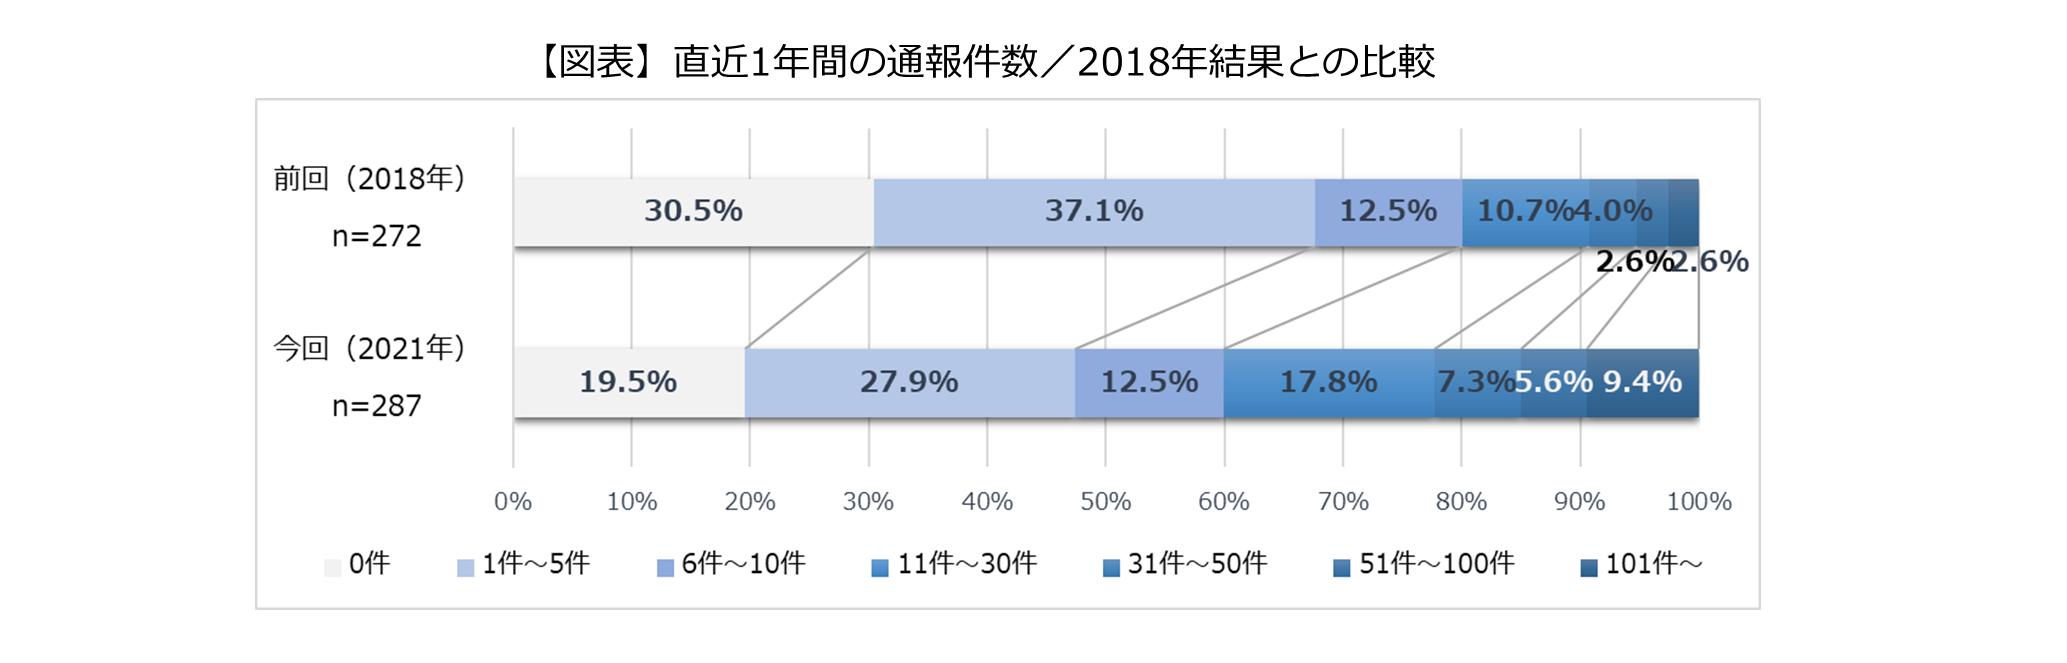 直近1年間の通報件数/2018年結果との比較のグラフ